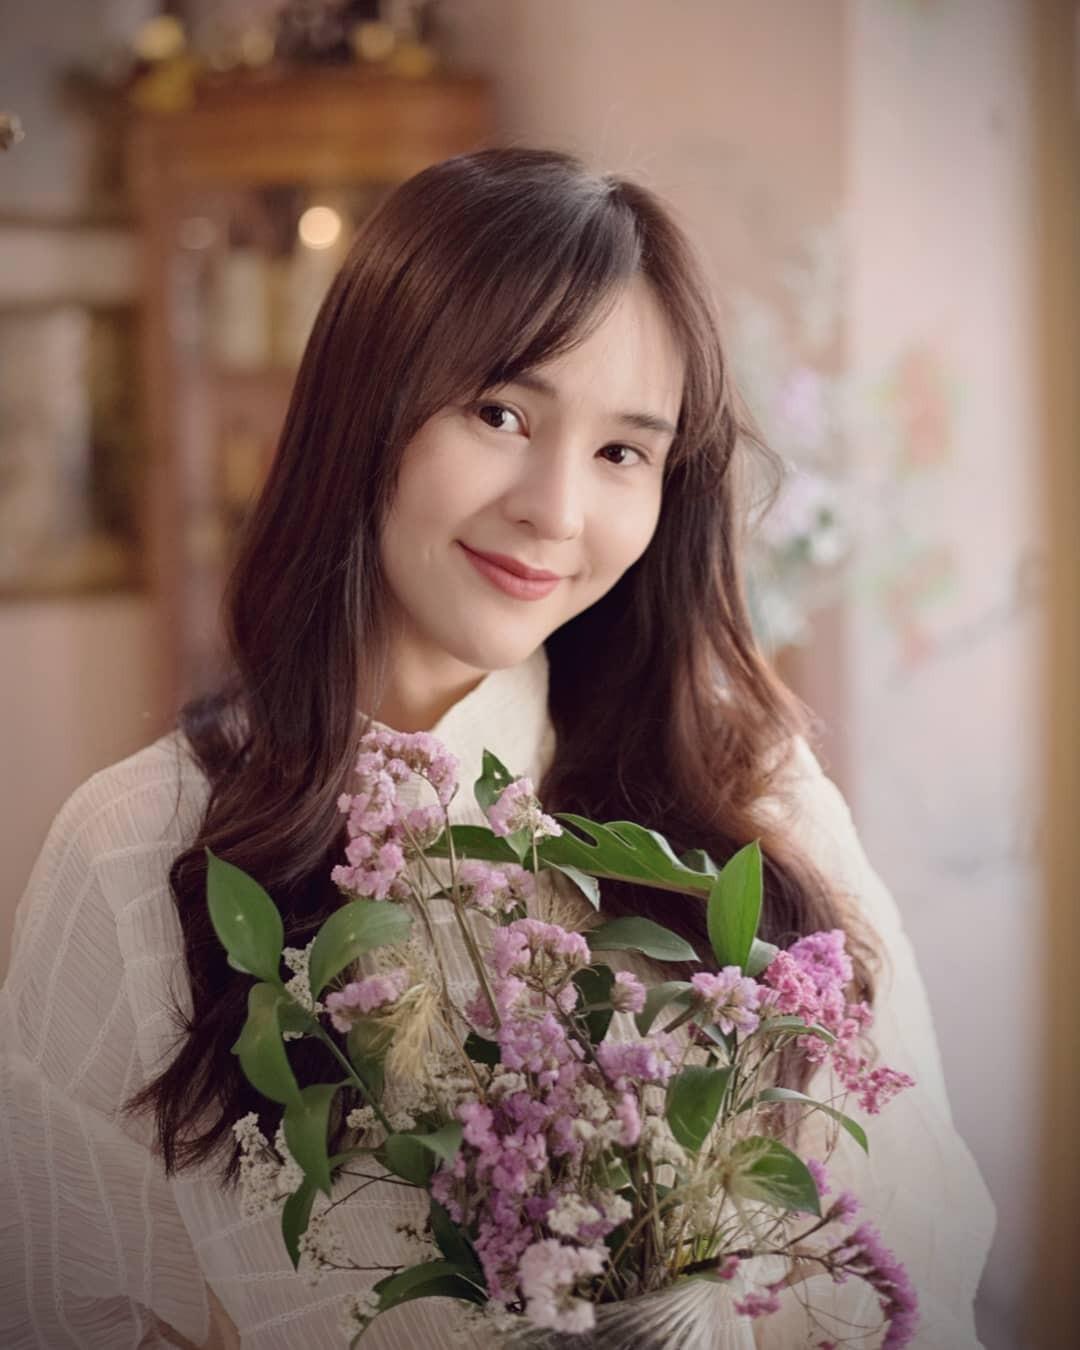 Phỏng vấn độc quyền: Song Hye Kyo Thái Lan luôn xem bản gốc là thần tượng nhưng đối đãi với chuyện tình cảm cá nhân lại khiến ai cũng phải trầm trồ - Hình 17